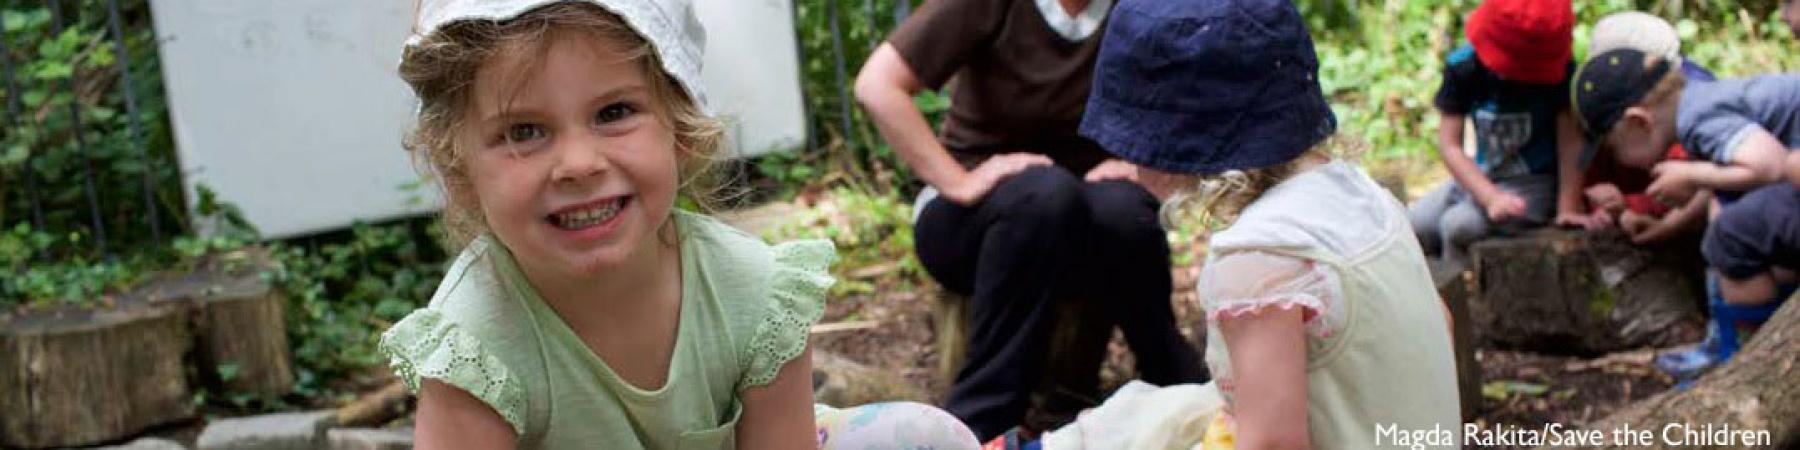 bimba sorridente in primo piano, sullo sfondo altri bambini e bambine che giocano insieme